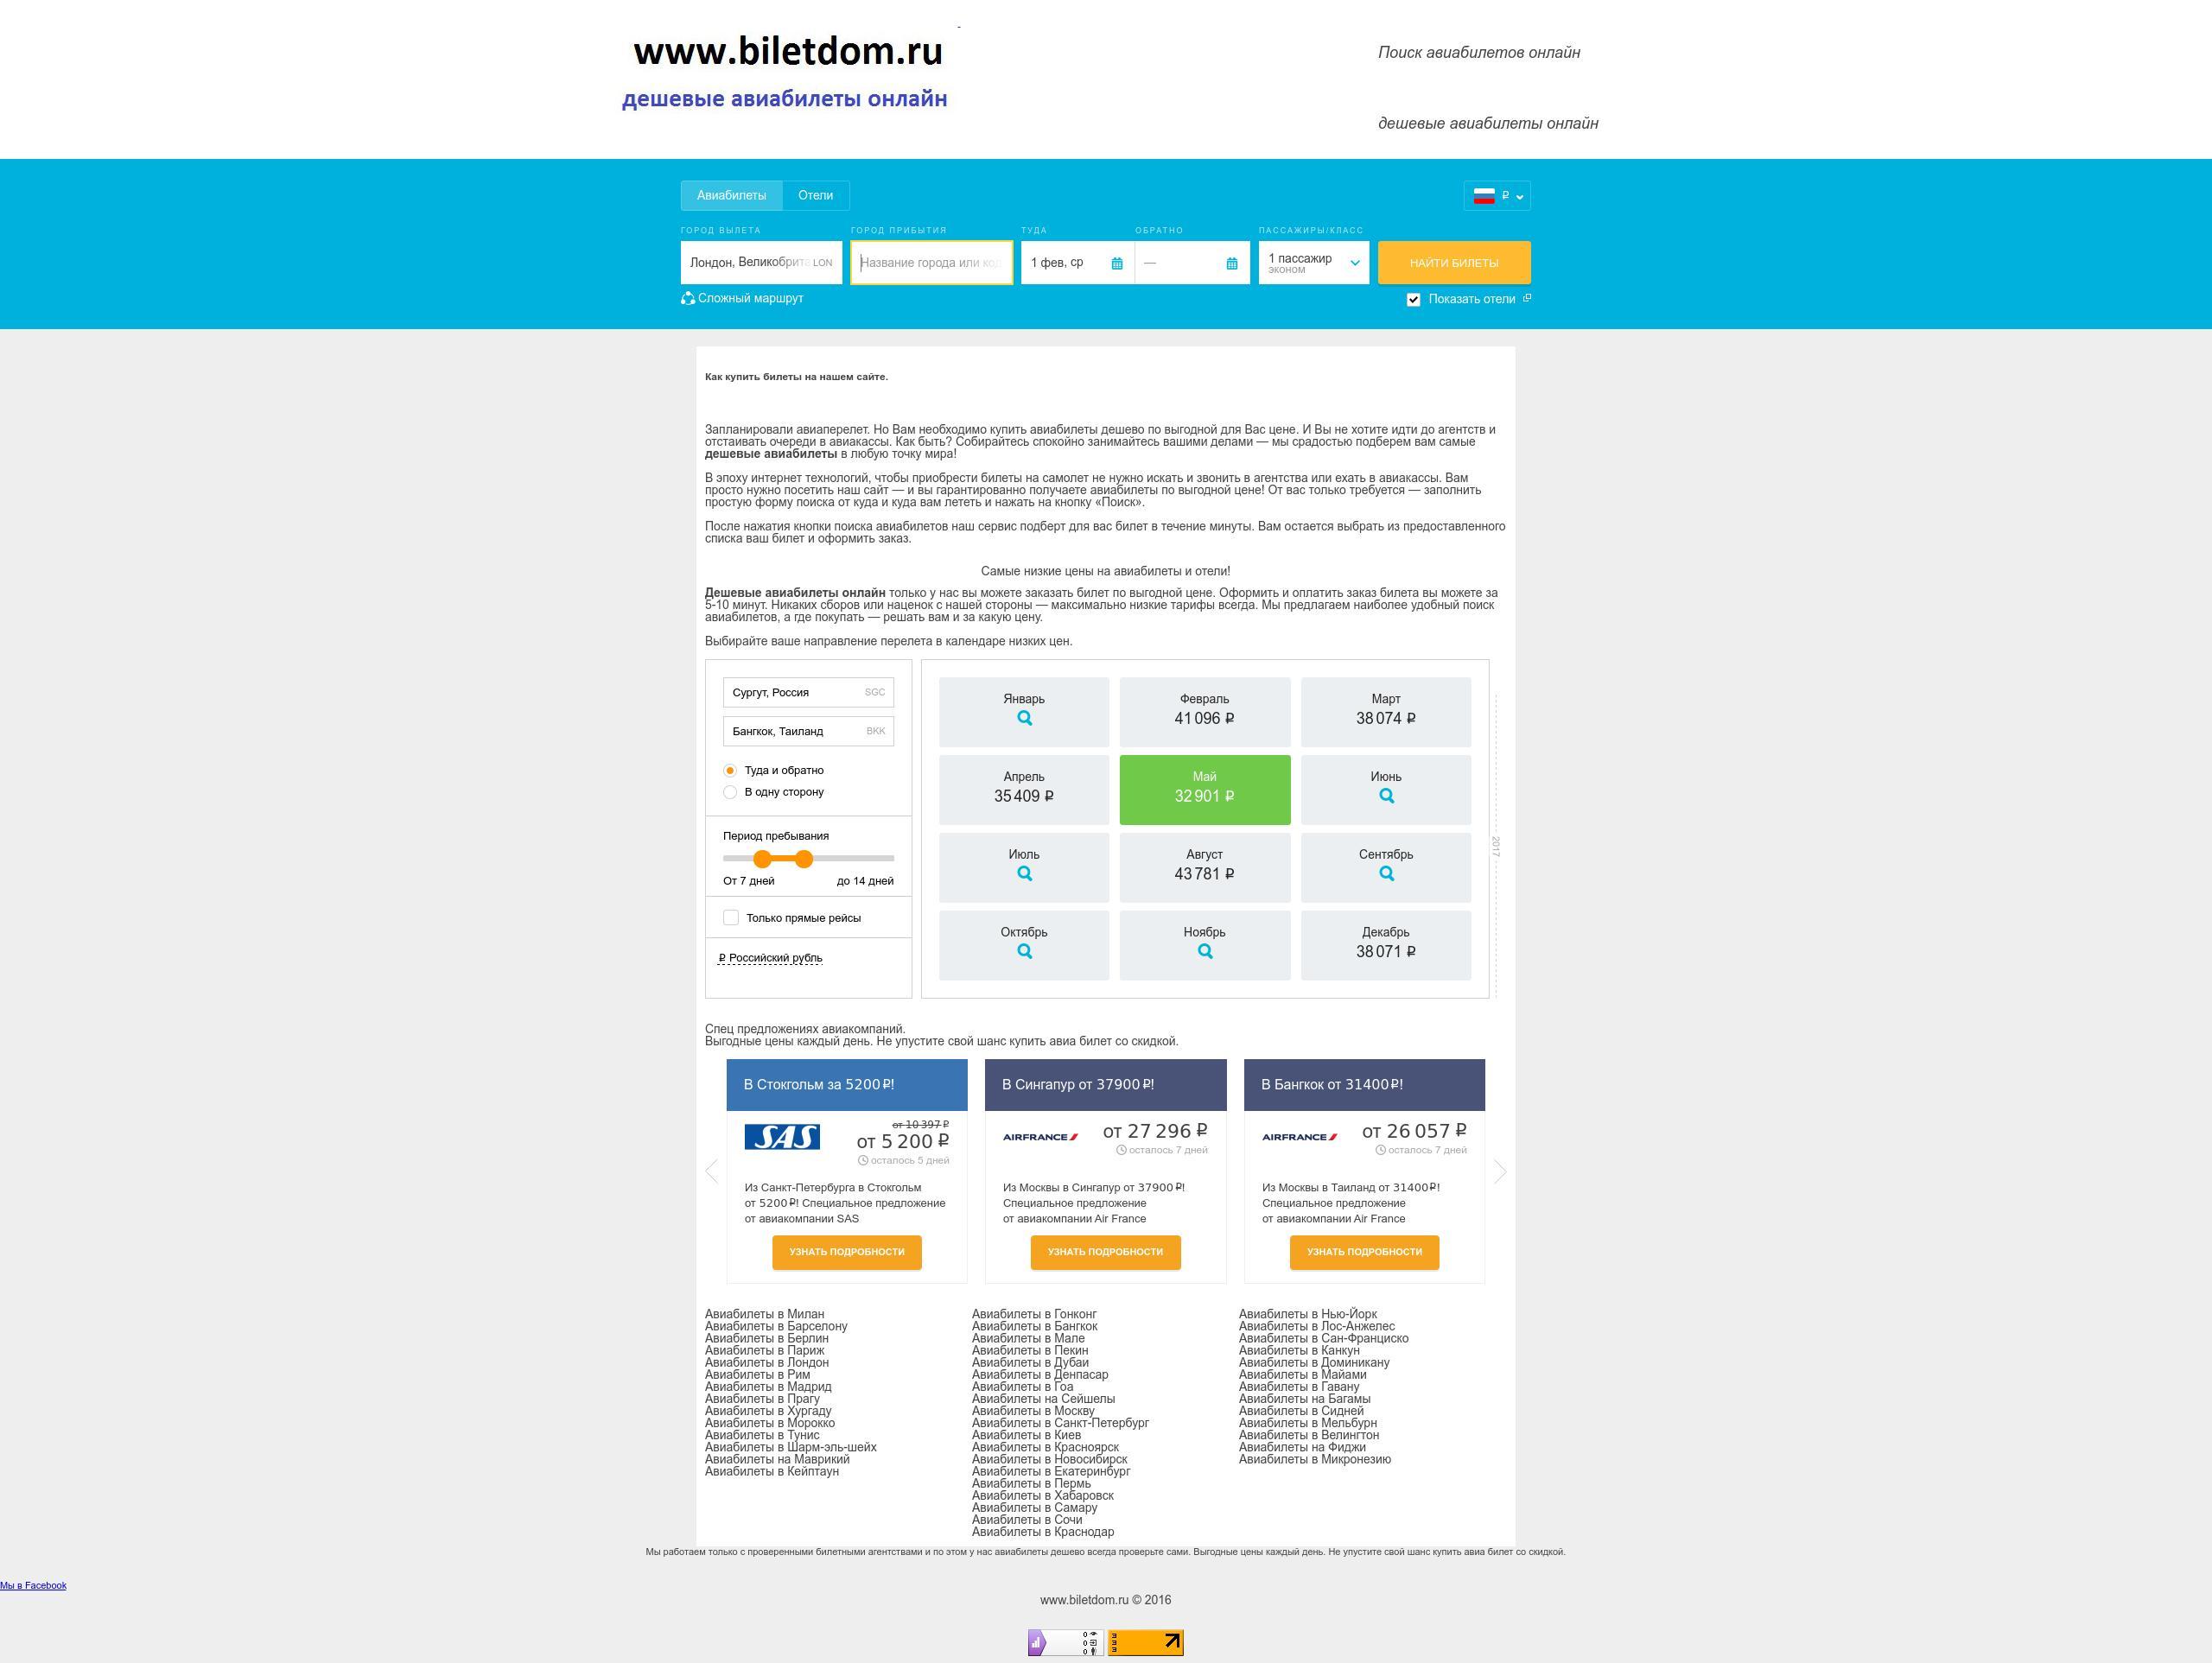 Купить Билет Дешево Онлайн Все Компании